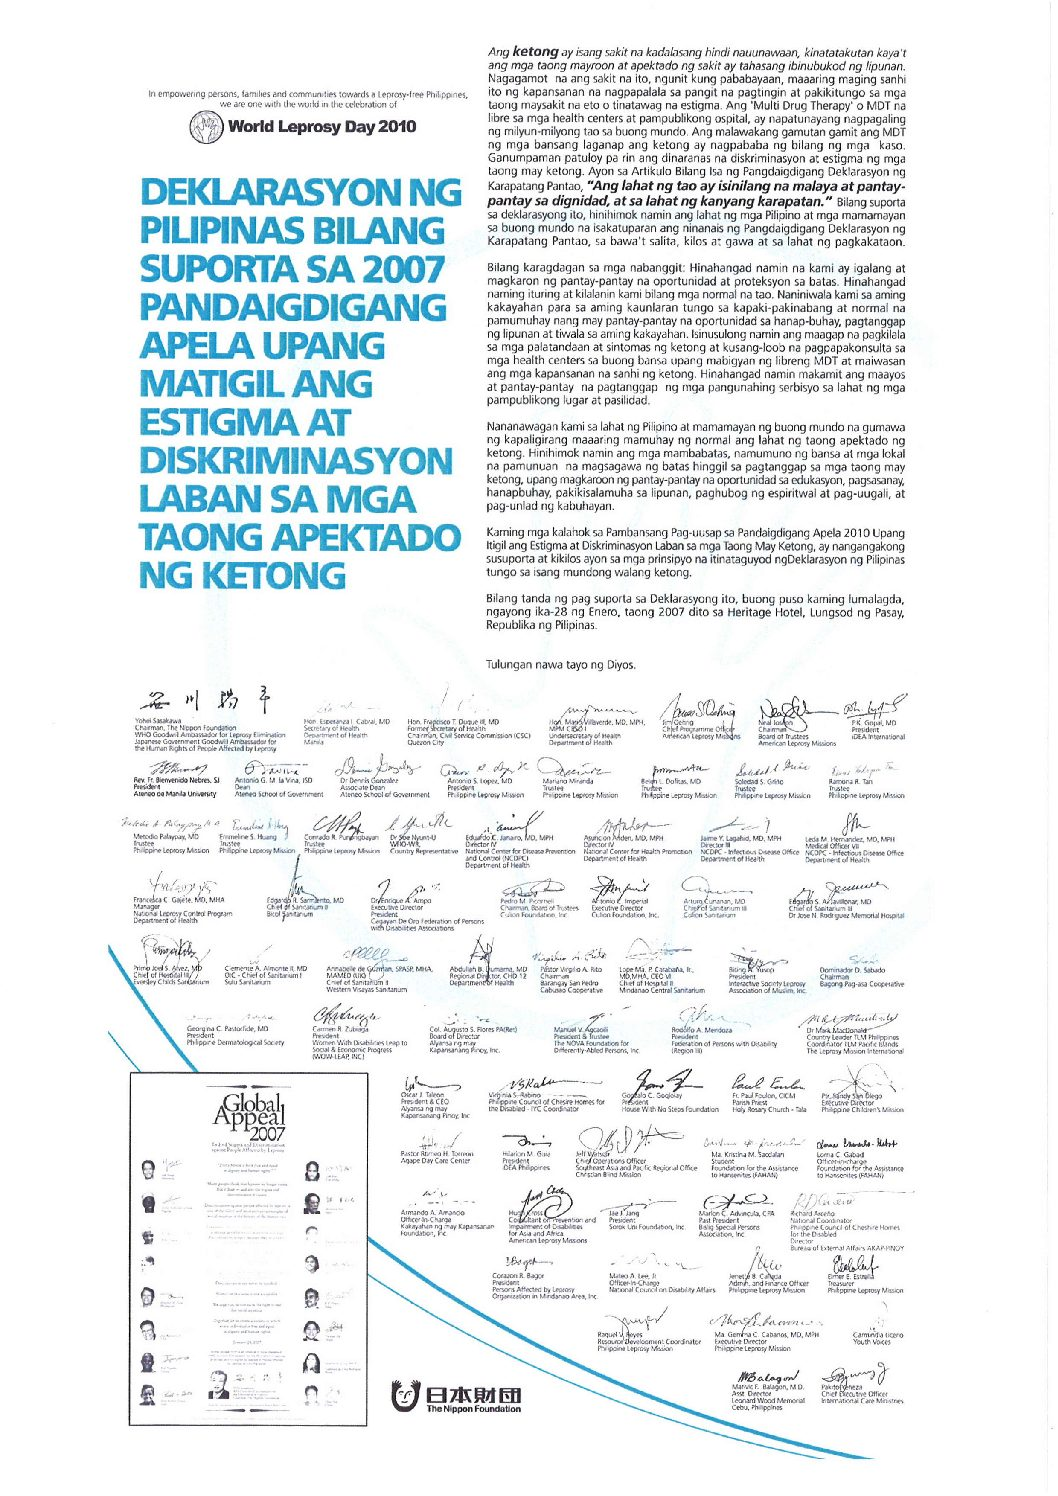 フィリピンでハンセン病回復者の尊厳と権利を求める宣言が出されました